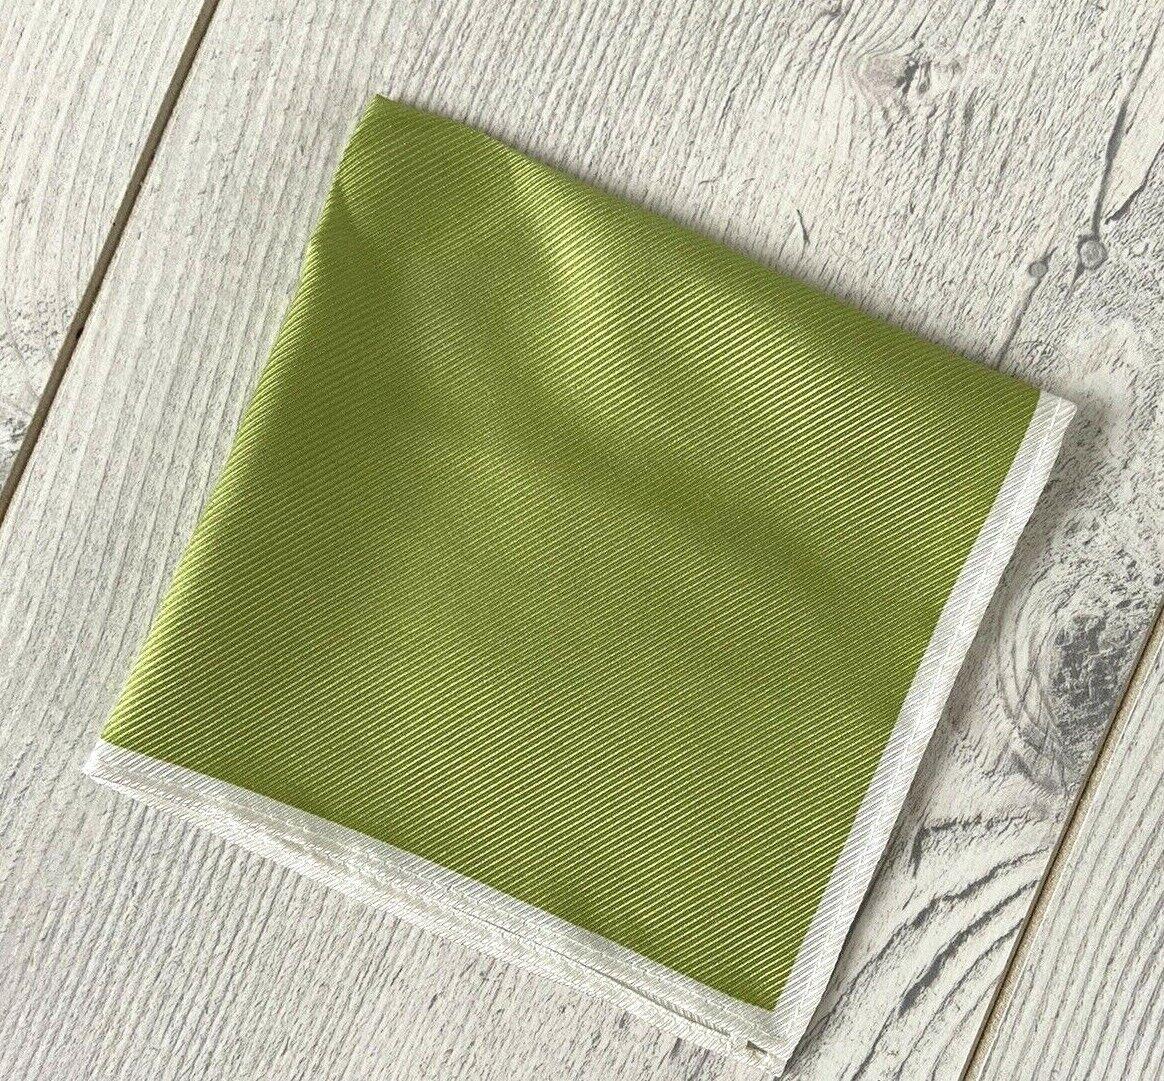 Lujo Seda Bolsillo Cuadrado Pañuelo Cortados M&S Verde